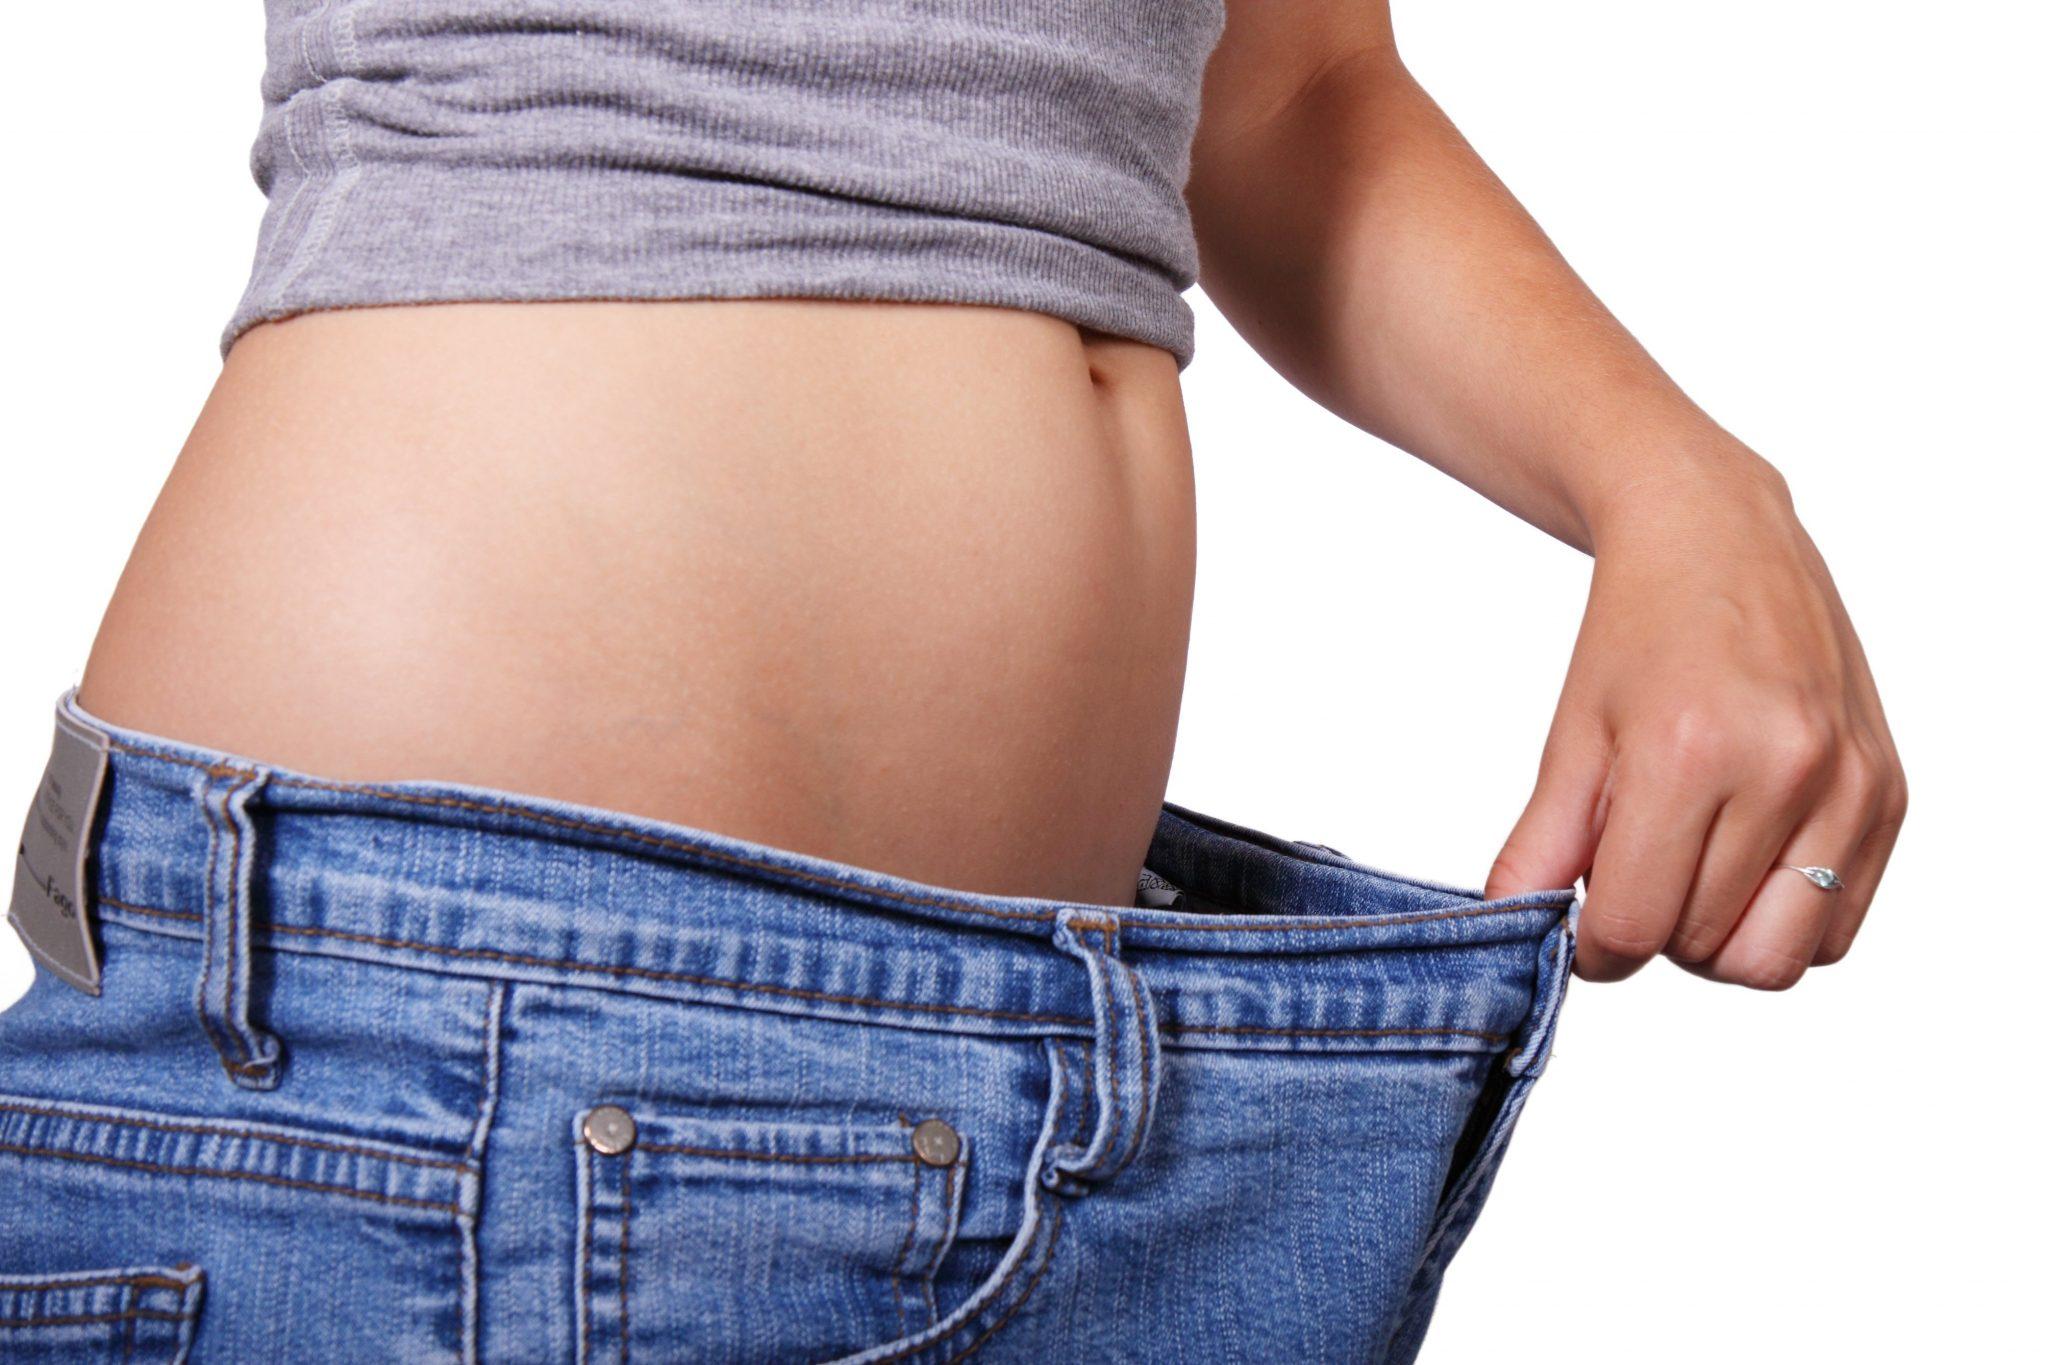 Fat Melting Non-Invasive Treatment